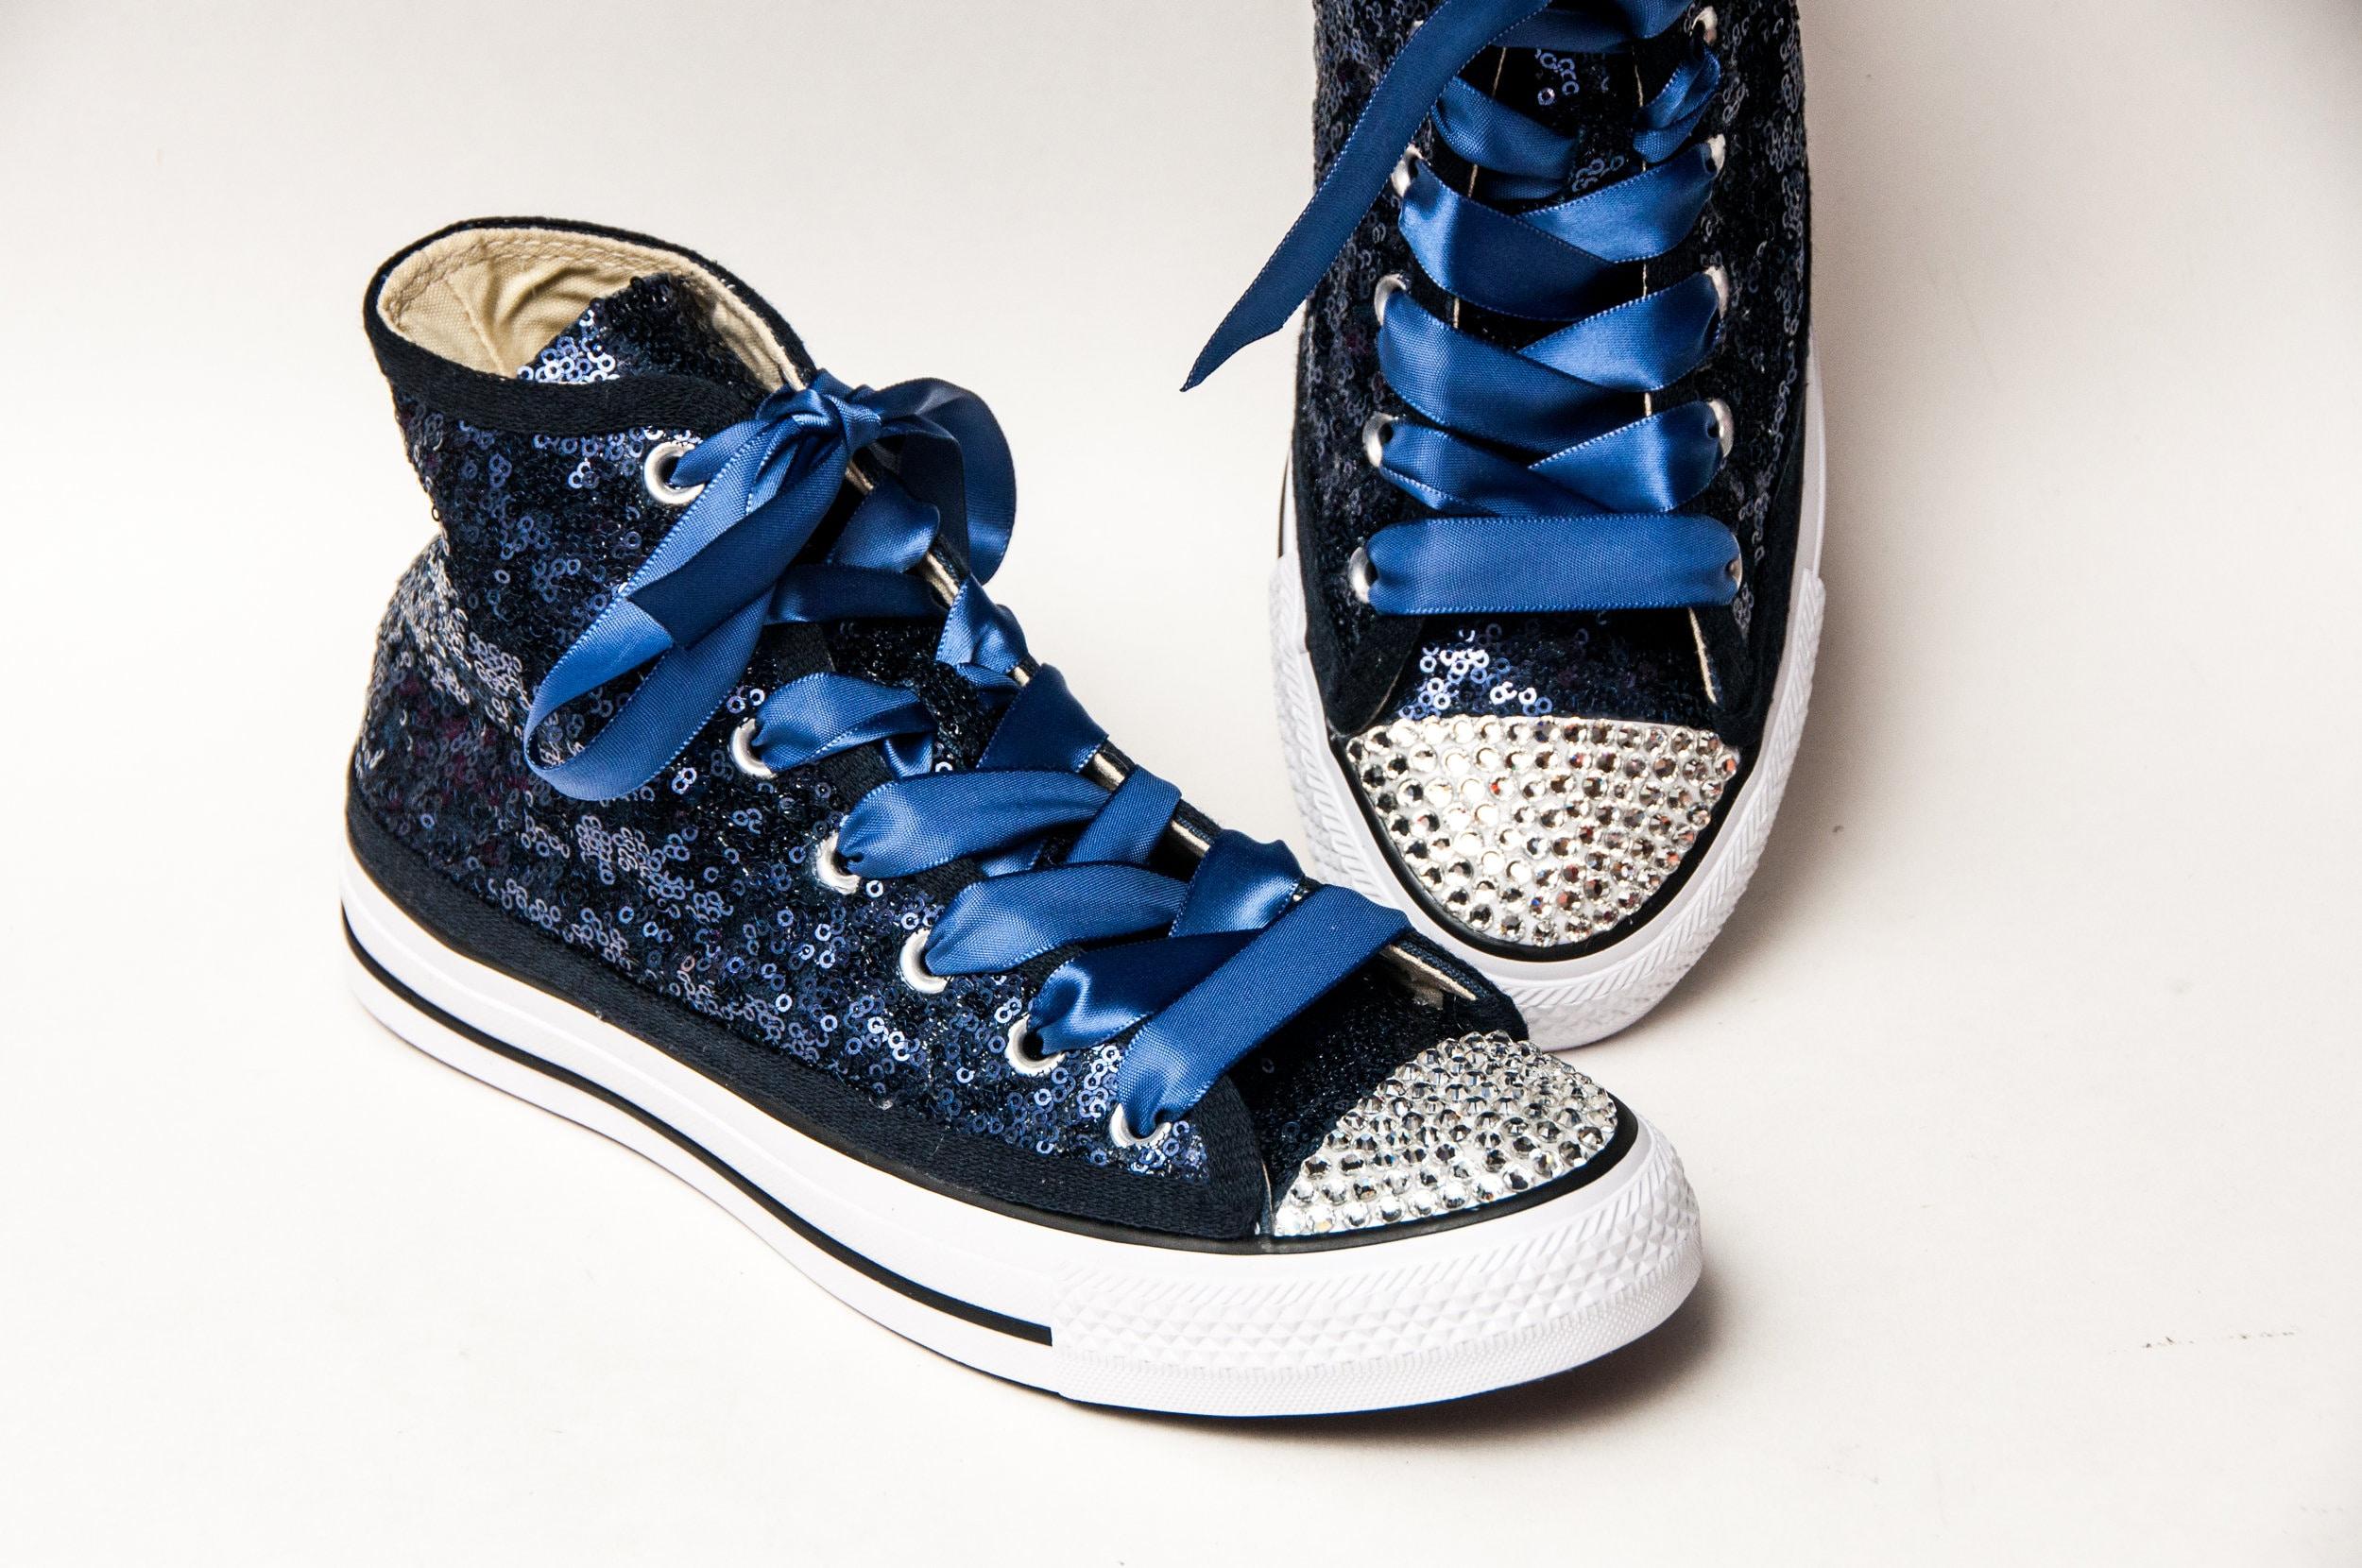 fc7a6a5ffd17 Bridal Full Starlight Sequin Navy Blue Converse® Canvas Hi